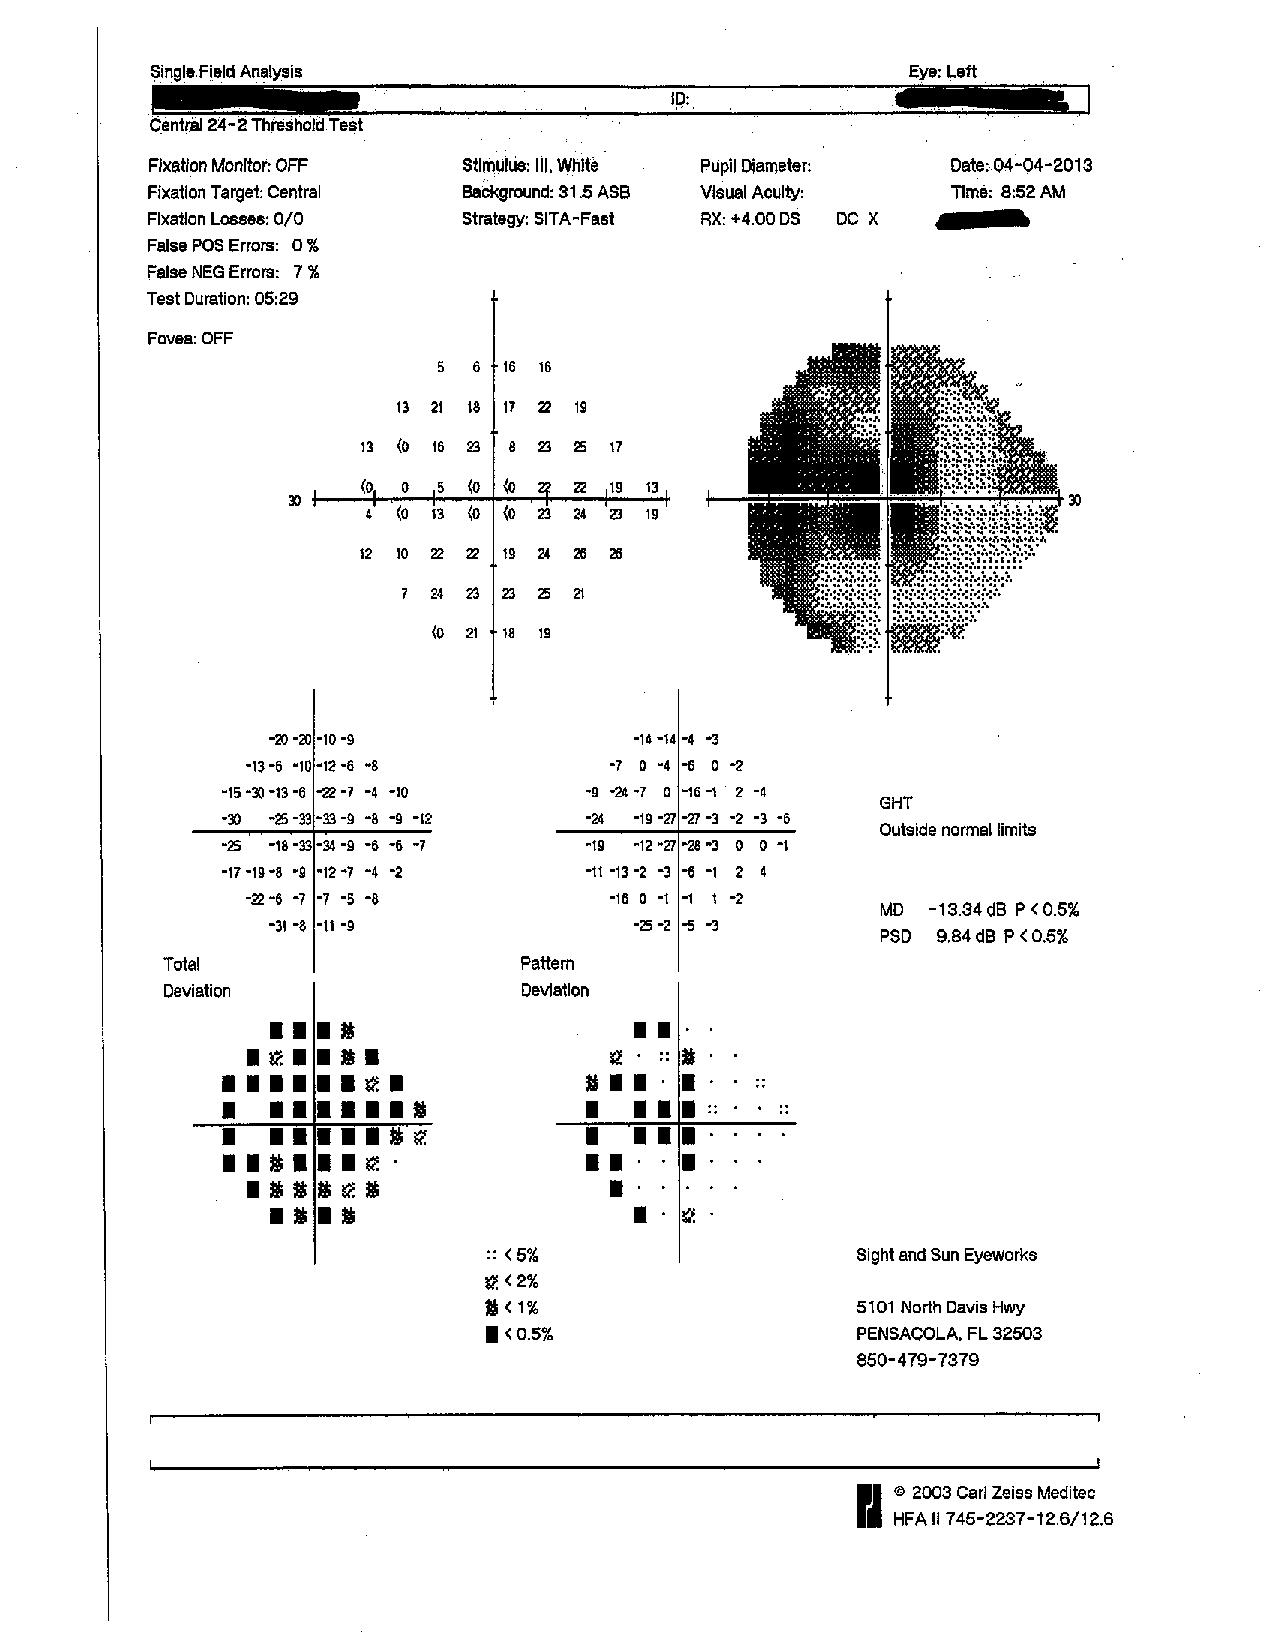 visualfields-page-004